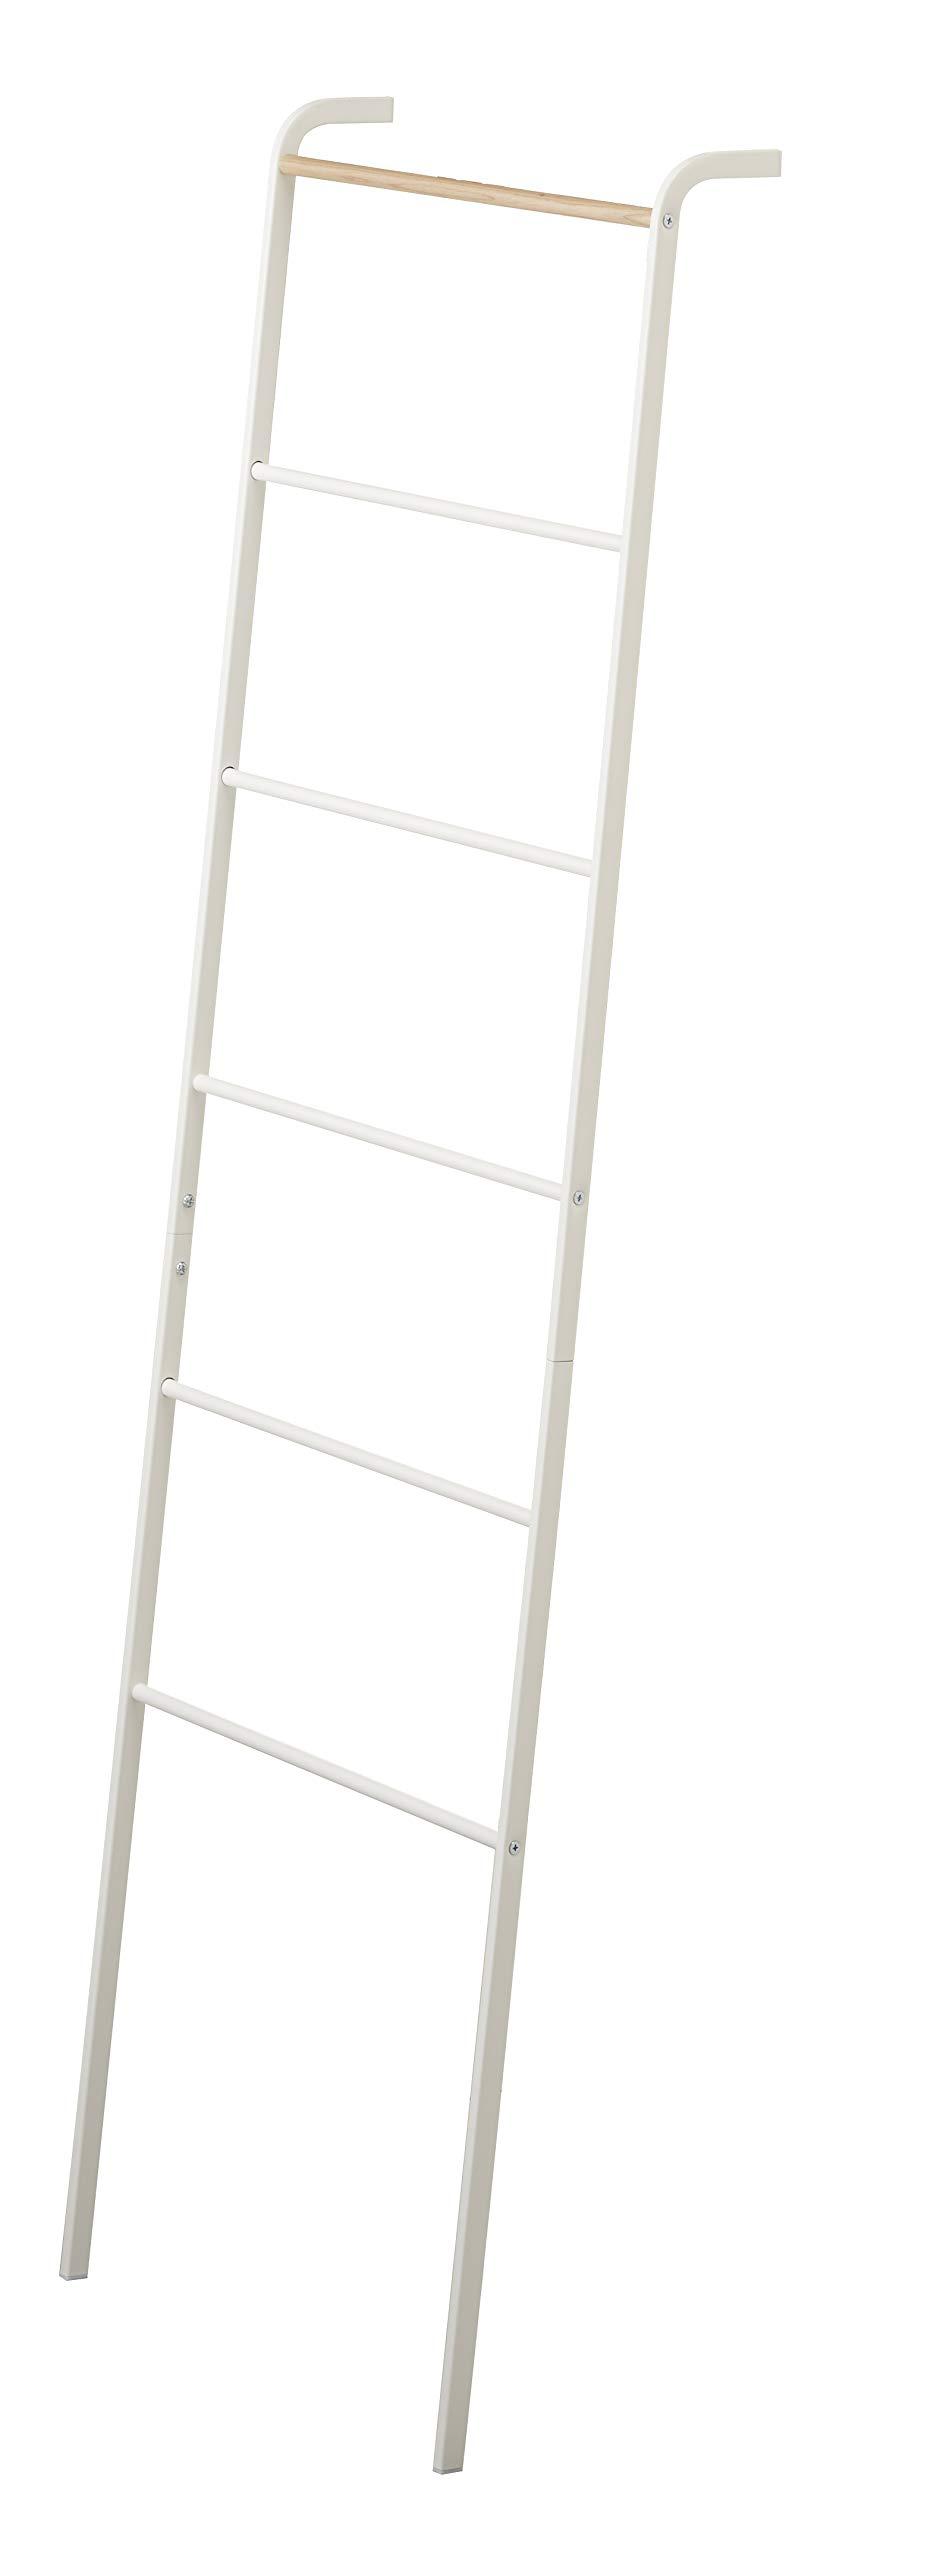 YAMAZAKI home Leaning Ladder Rack, White - 2812